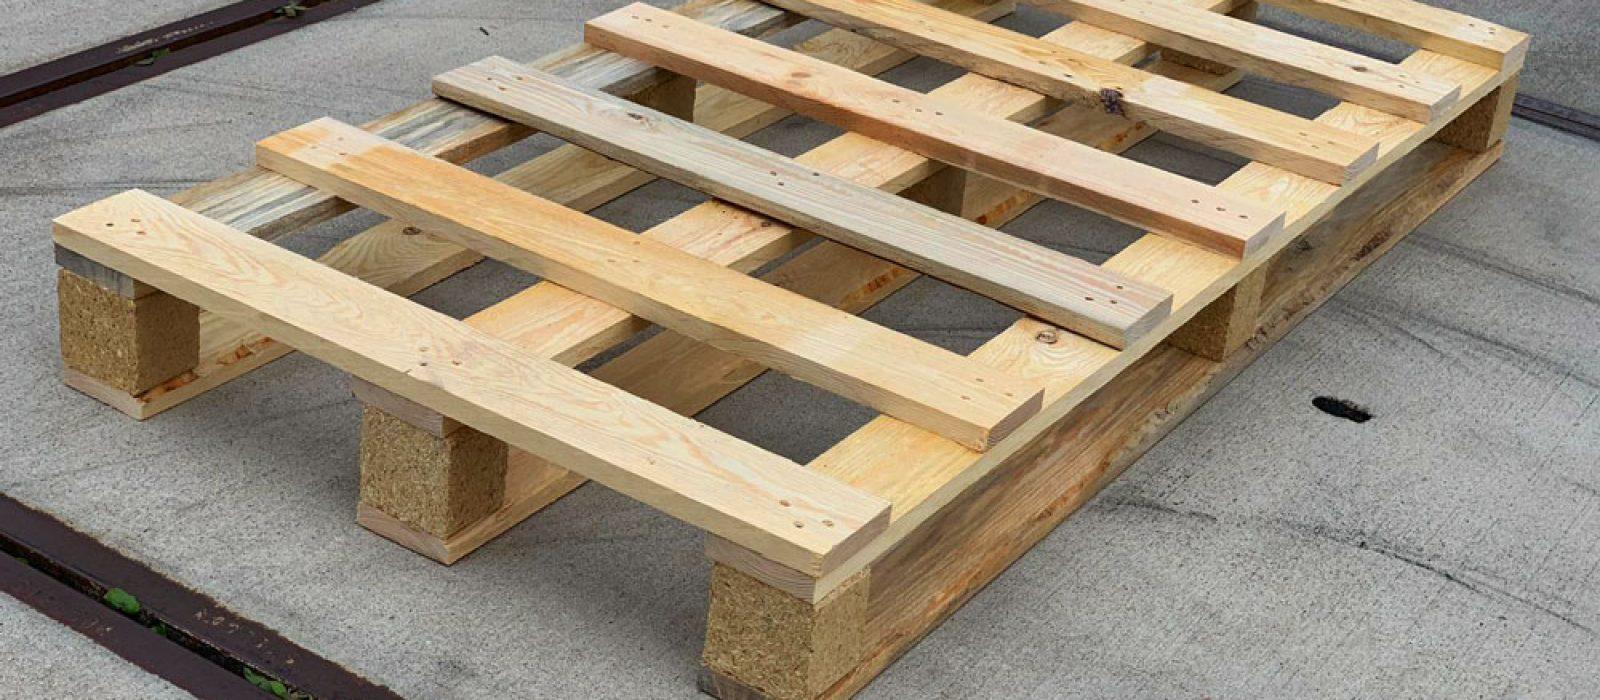 Einwegpalette-1600×800-7-Deck-LOGPOL